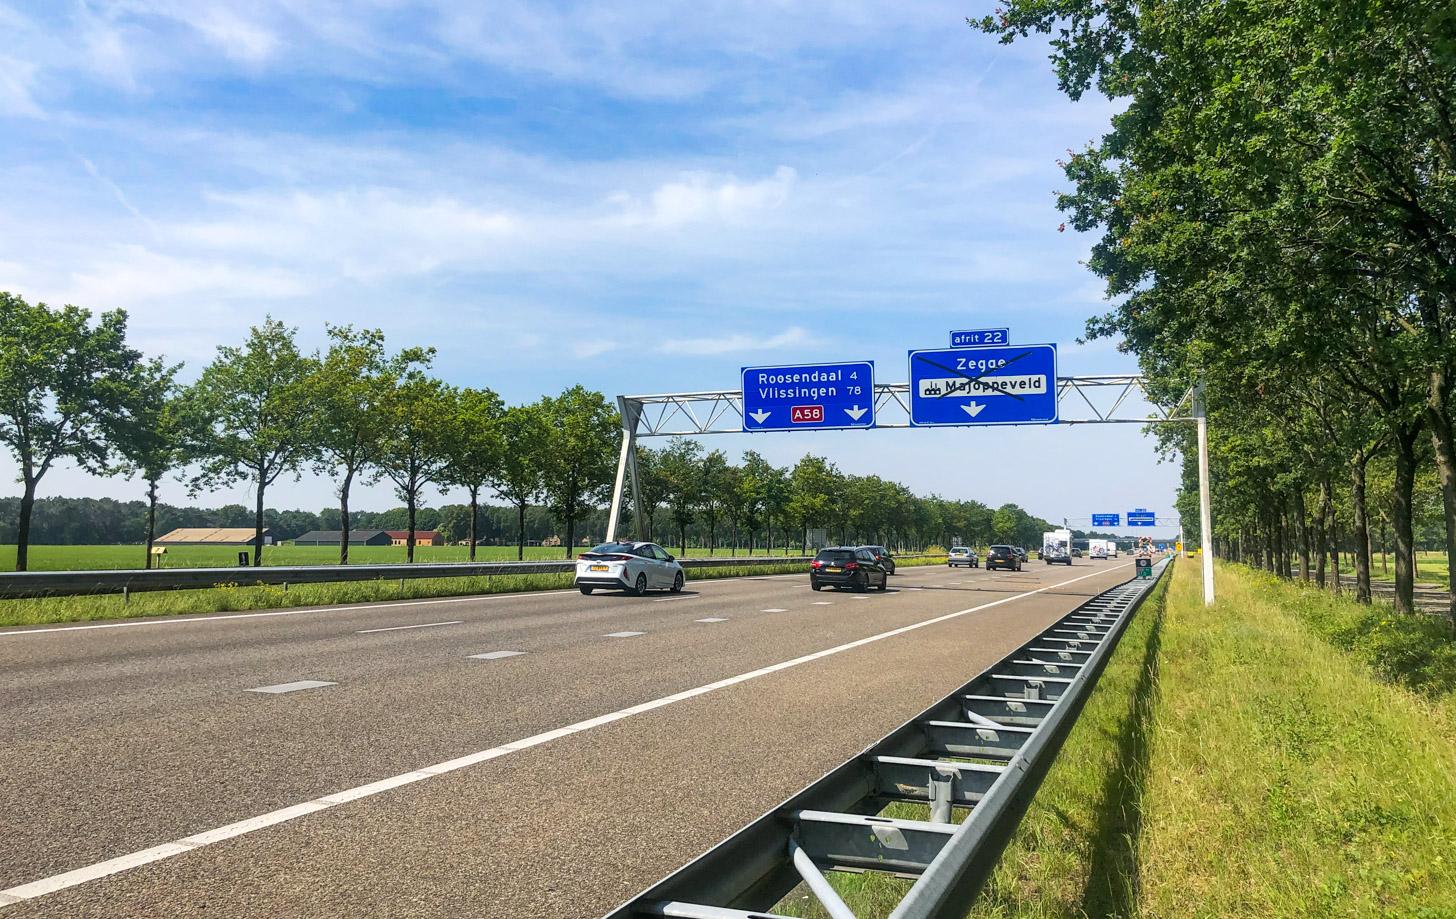 Met de auto naar Roosendaal